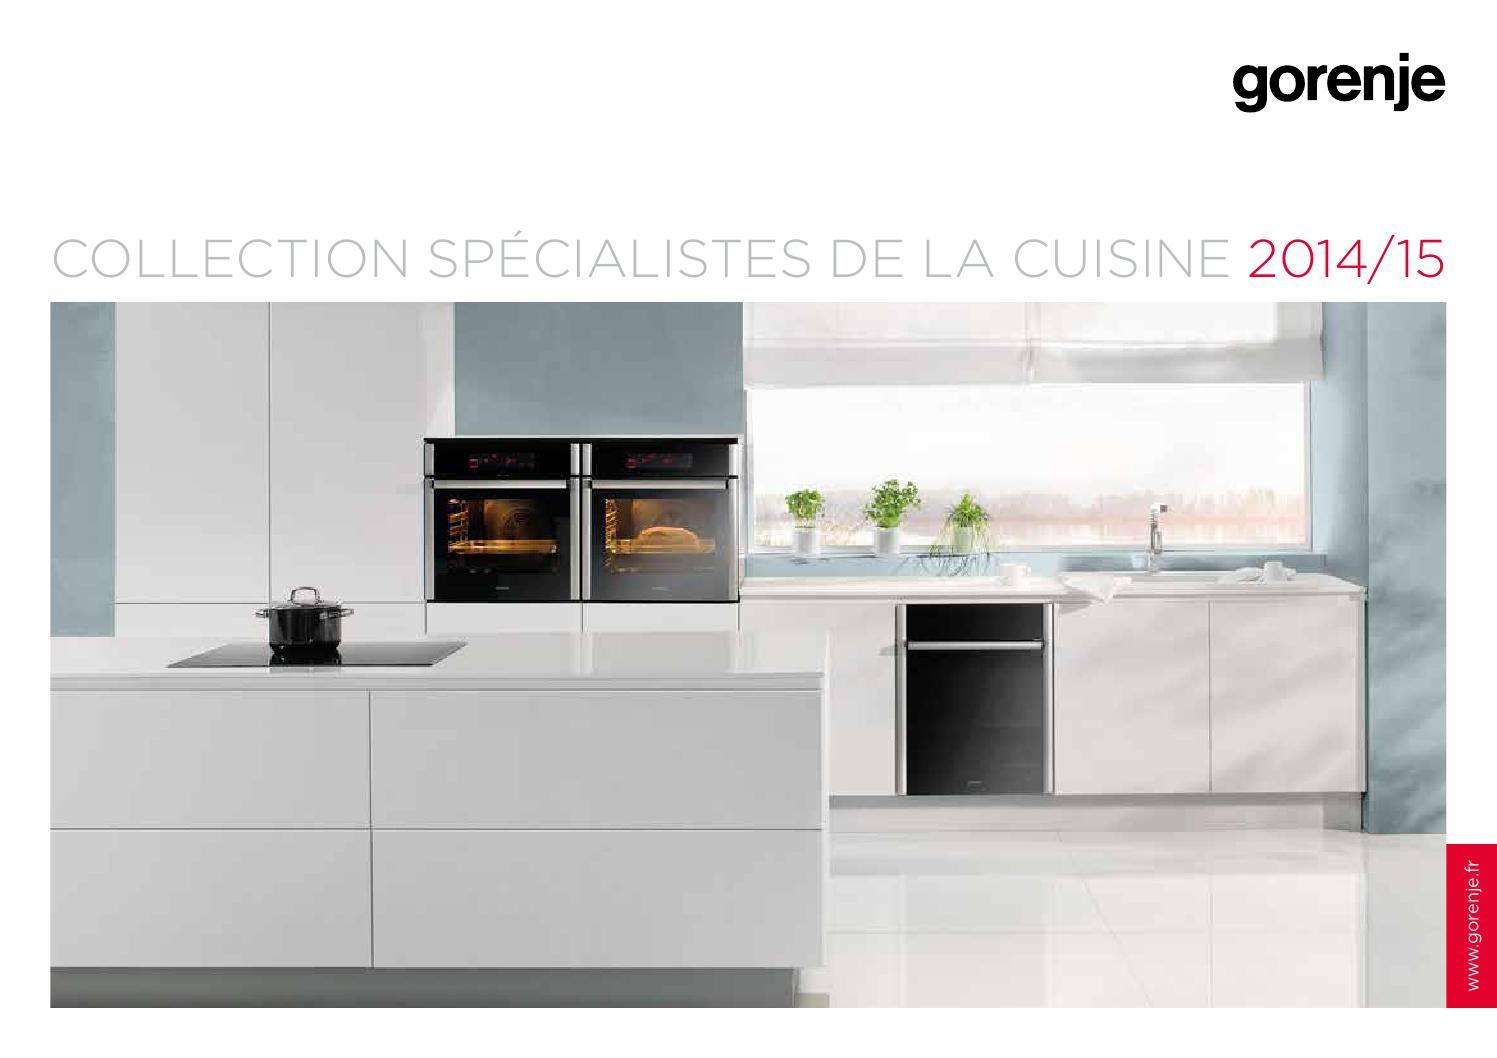 gorenje collection cuisine 2014 2015 by gorenje d d issuu. Black Bedroom Furniture Sets. Home Design Ideas